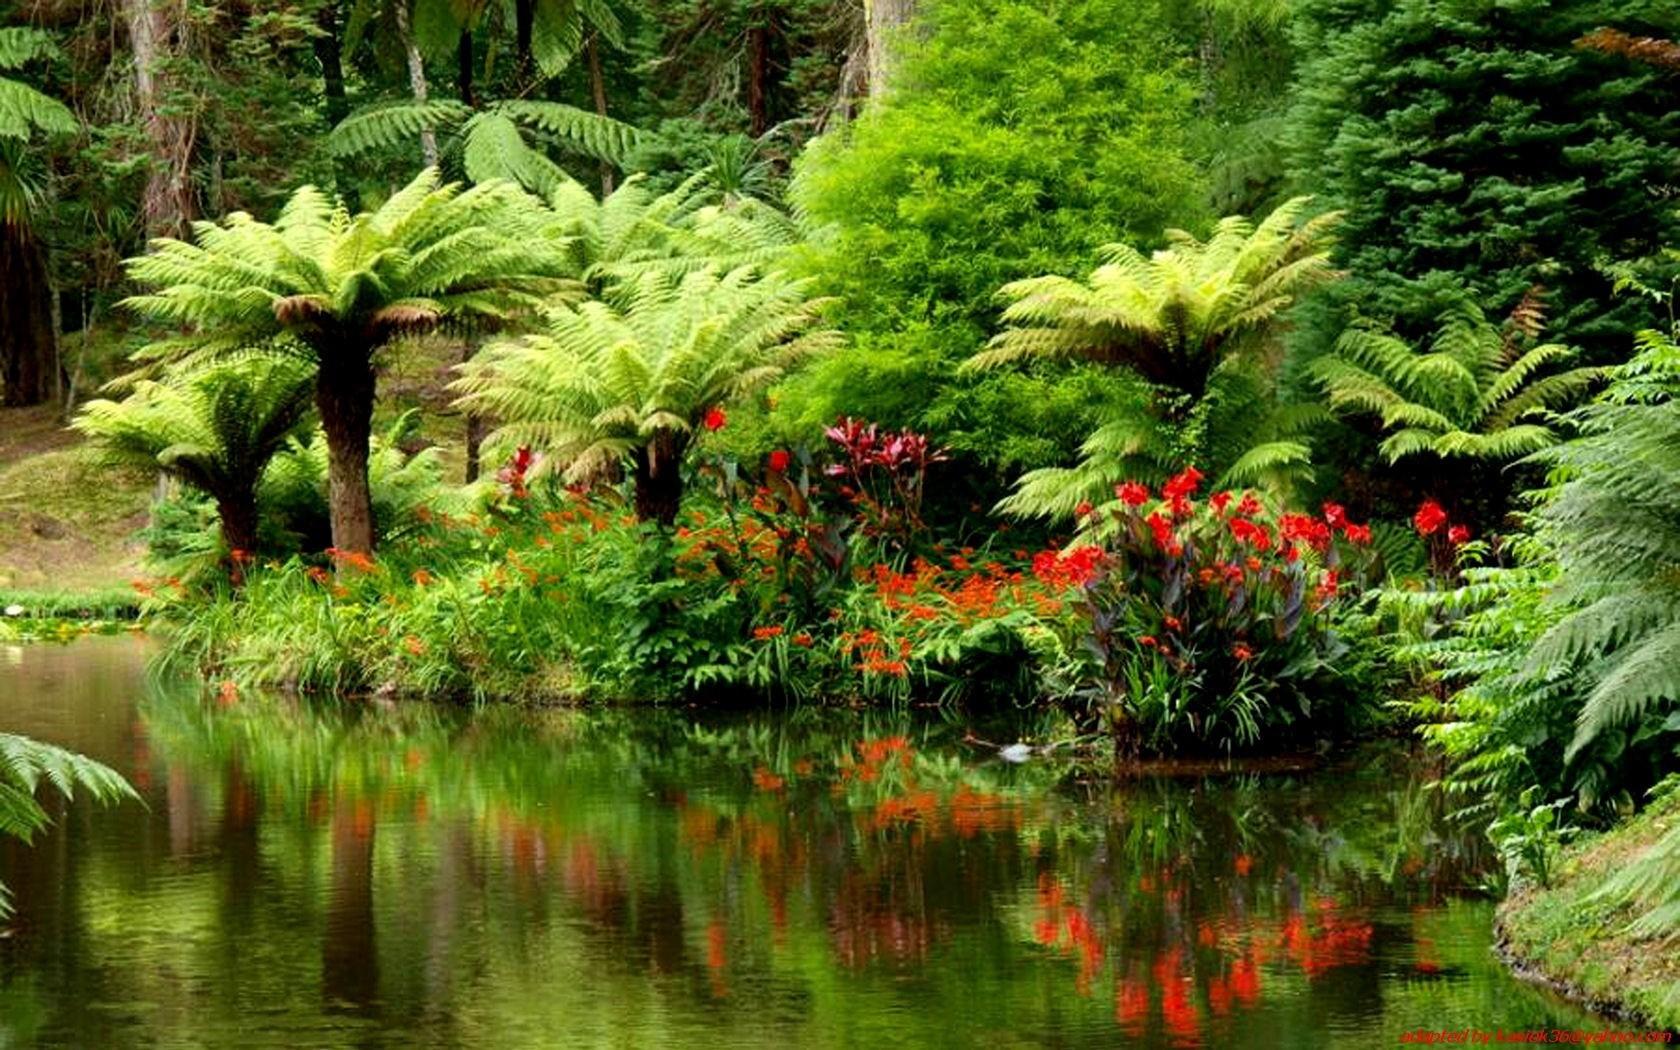 картинка тропического леса с цветами леса